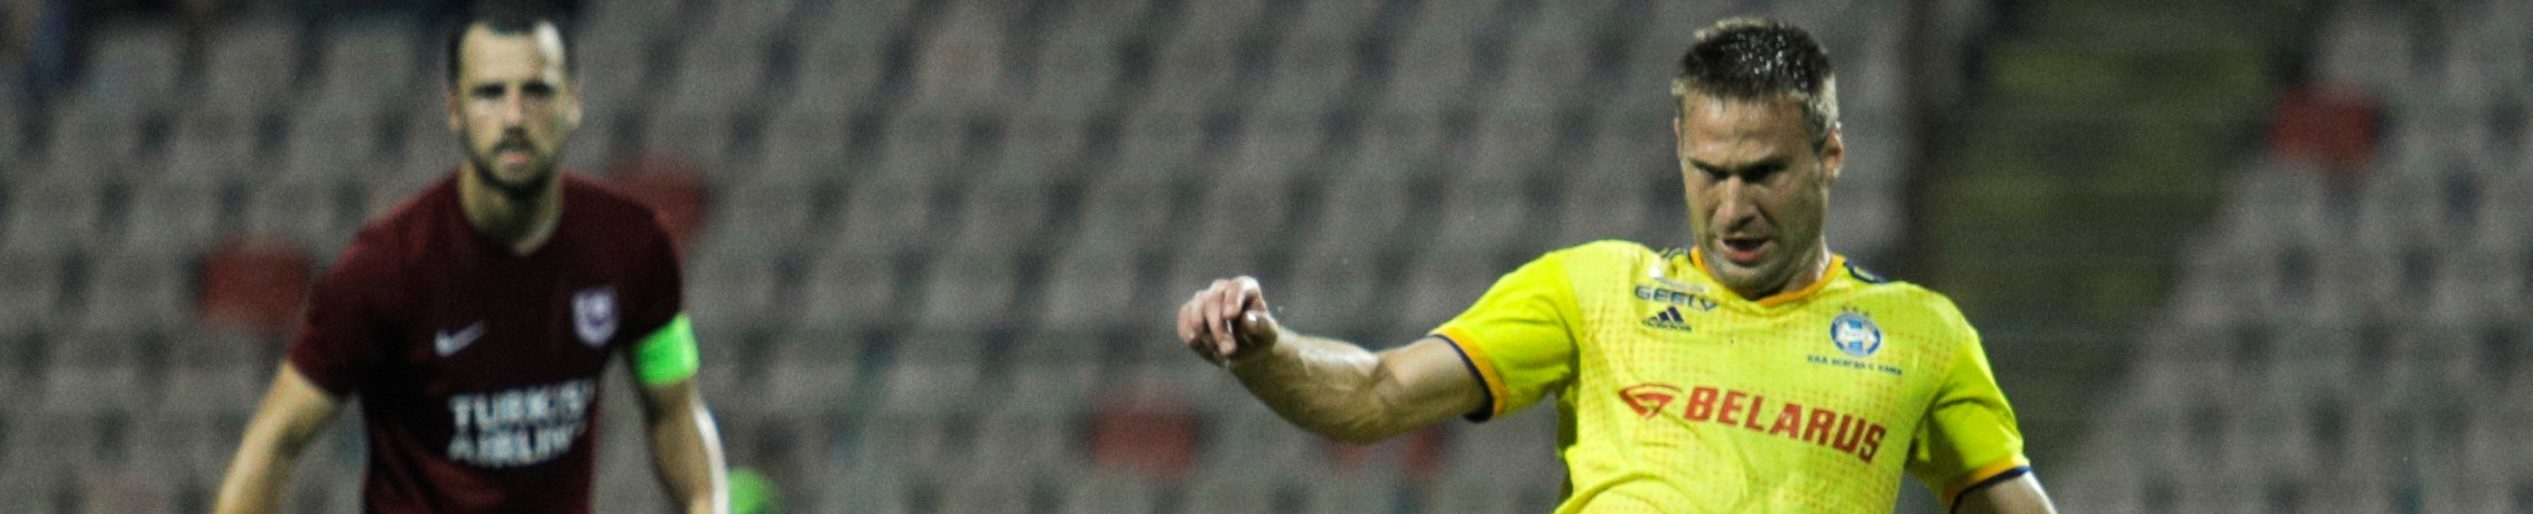 Scommesse sportive 24/05/2020: Zweite Liga, Coppa di Bielorussia e Taiwan